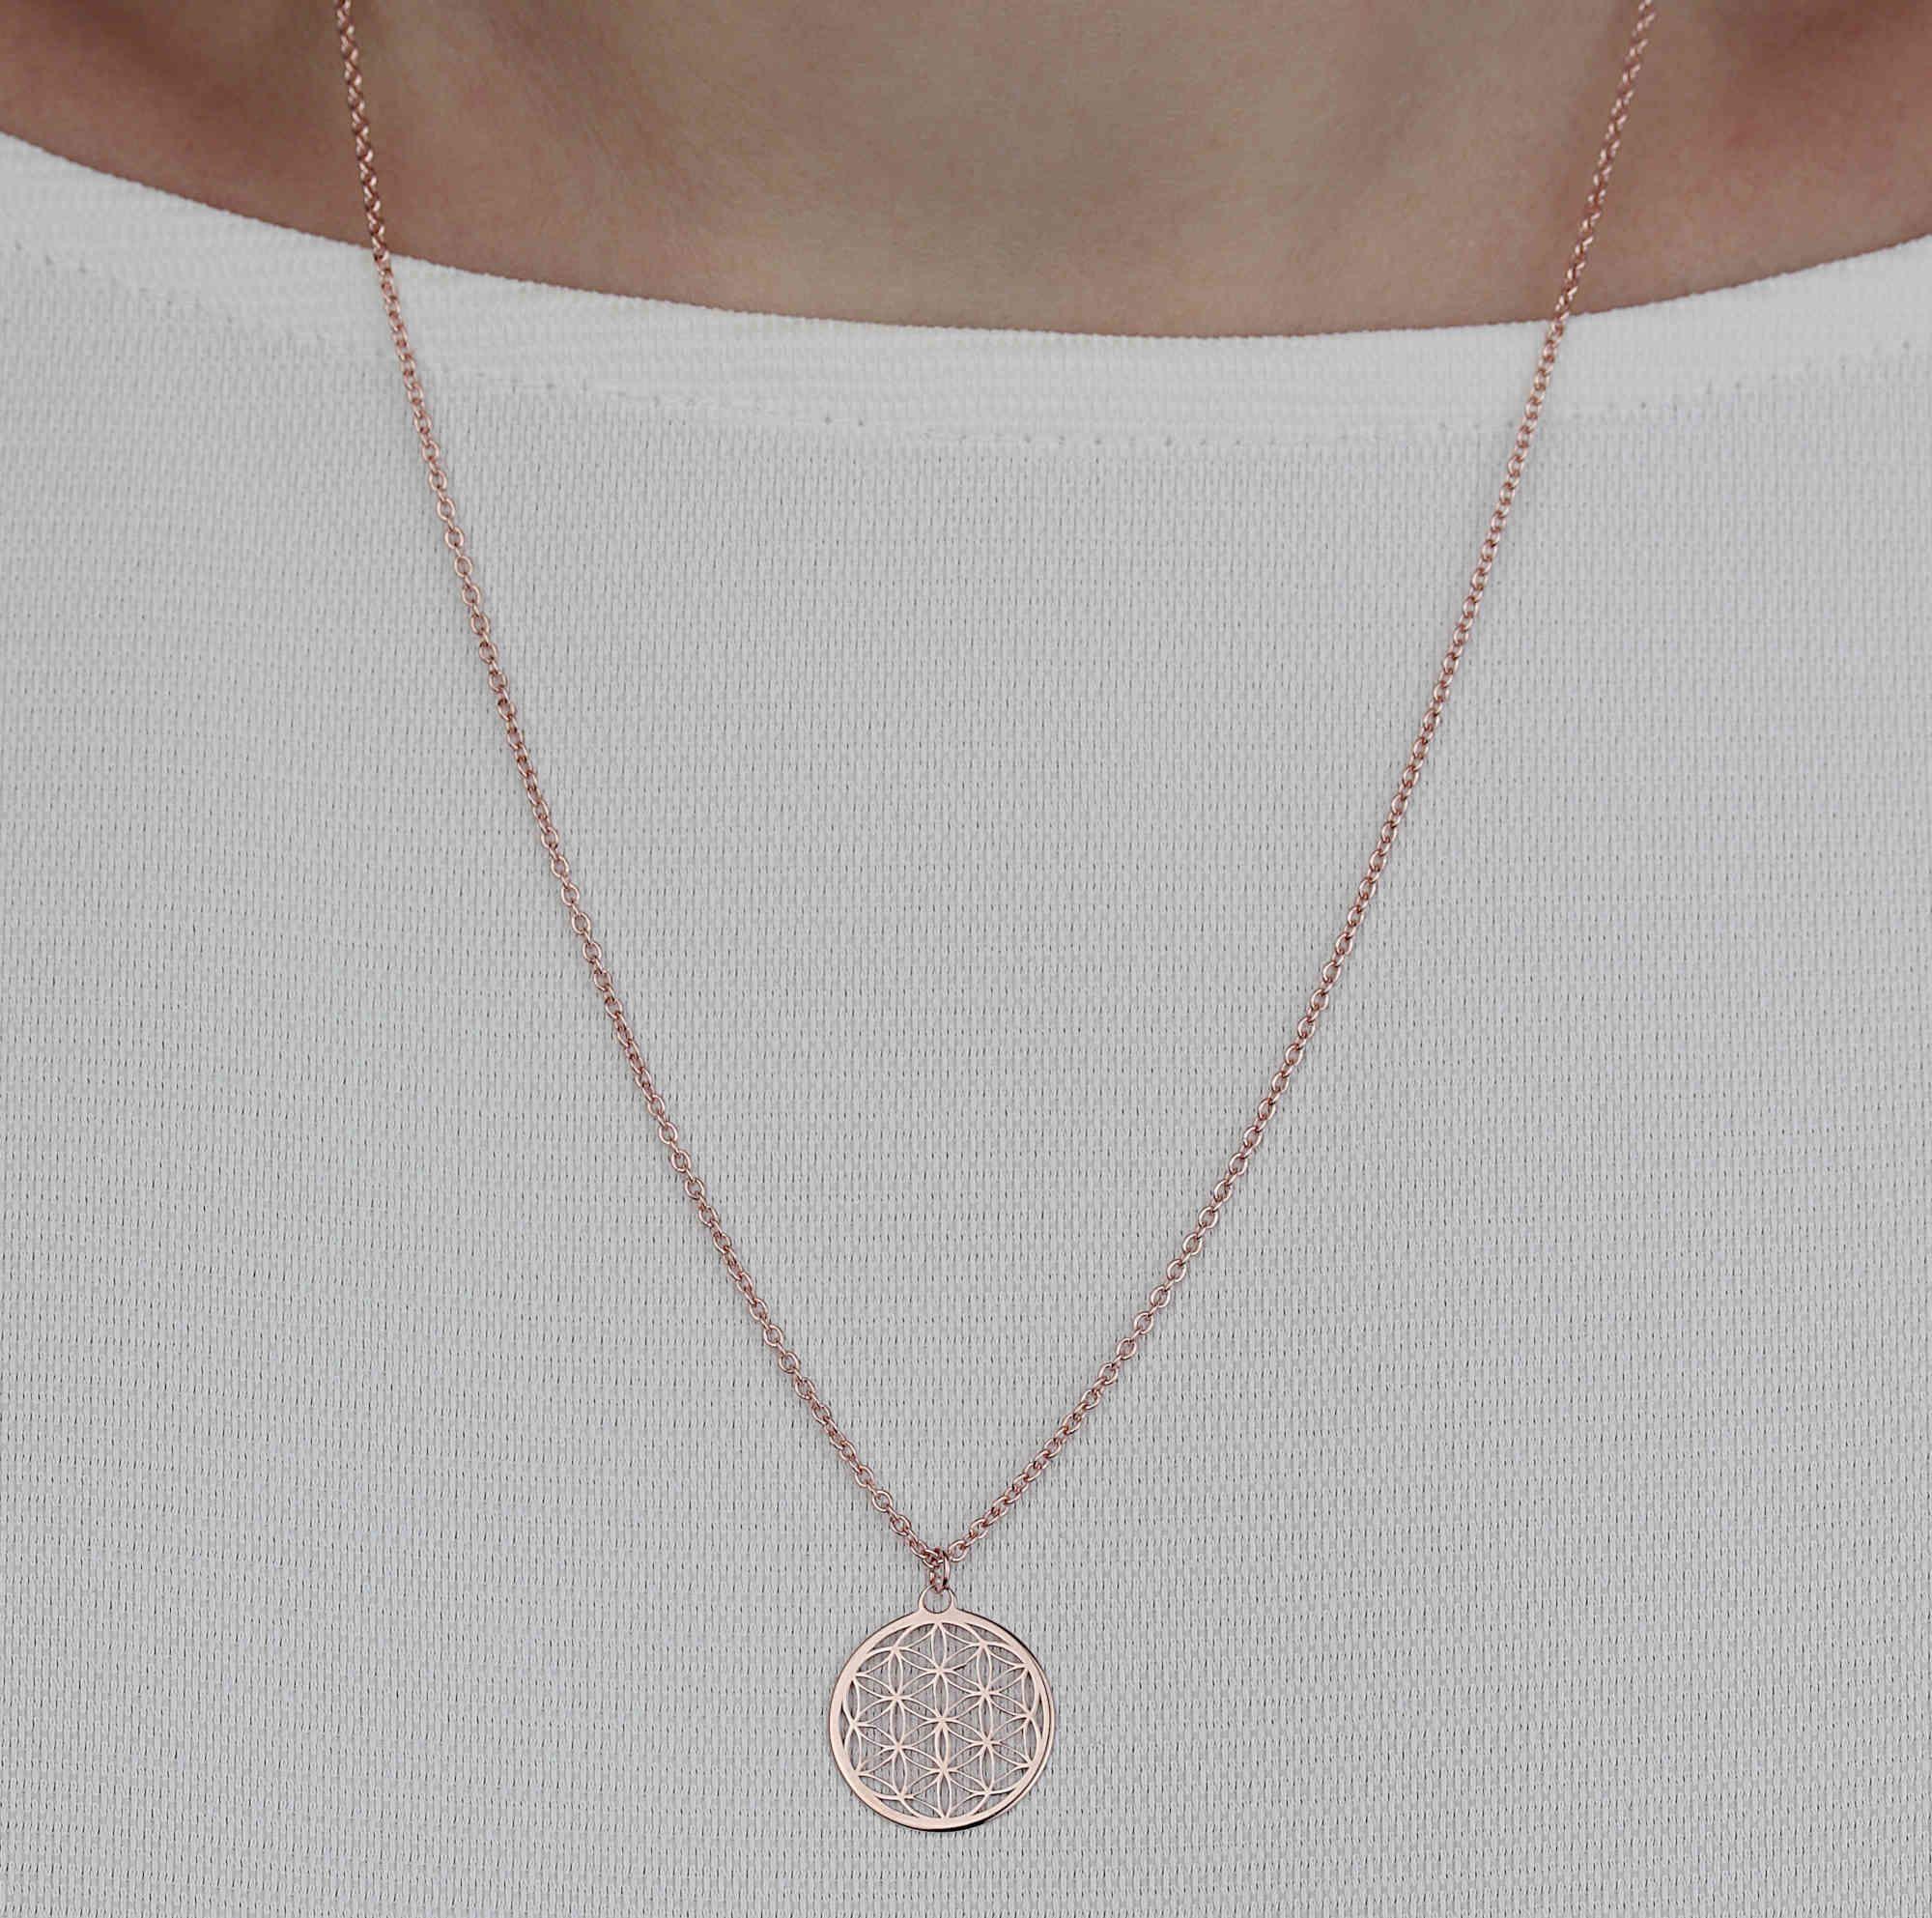 Halskette Mit Blume Des Lebens Anhanger 925 Silber Rosevergoldet O 15 Mm Kette Lebensblume Blume Des Lebens Anhanger Blume Des Lebens Lebensblume